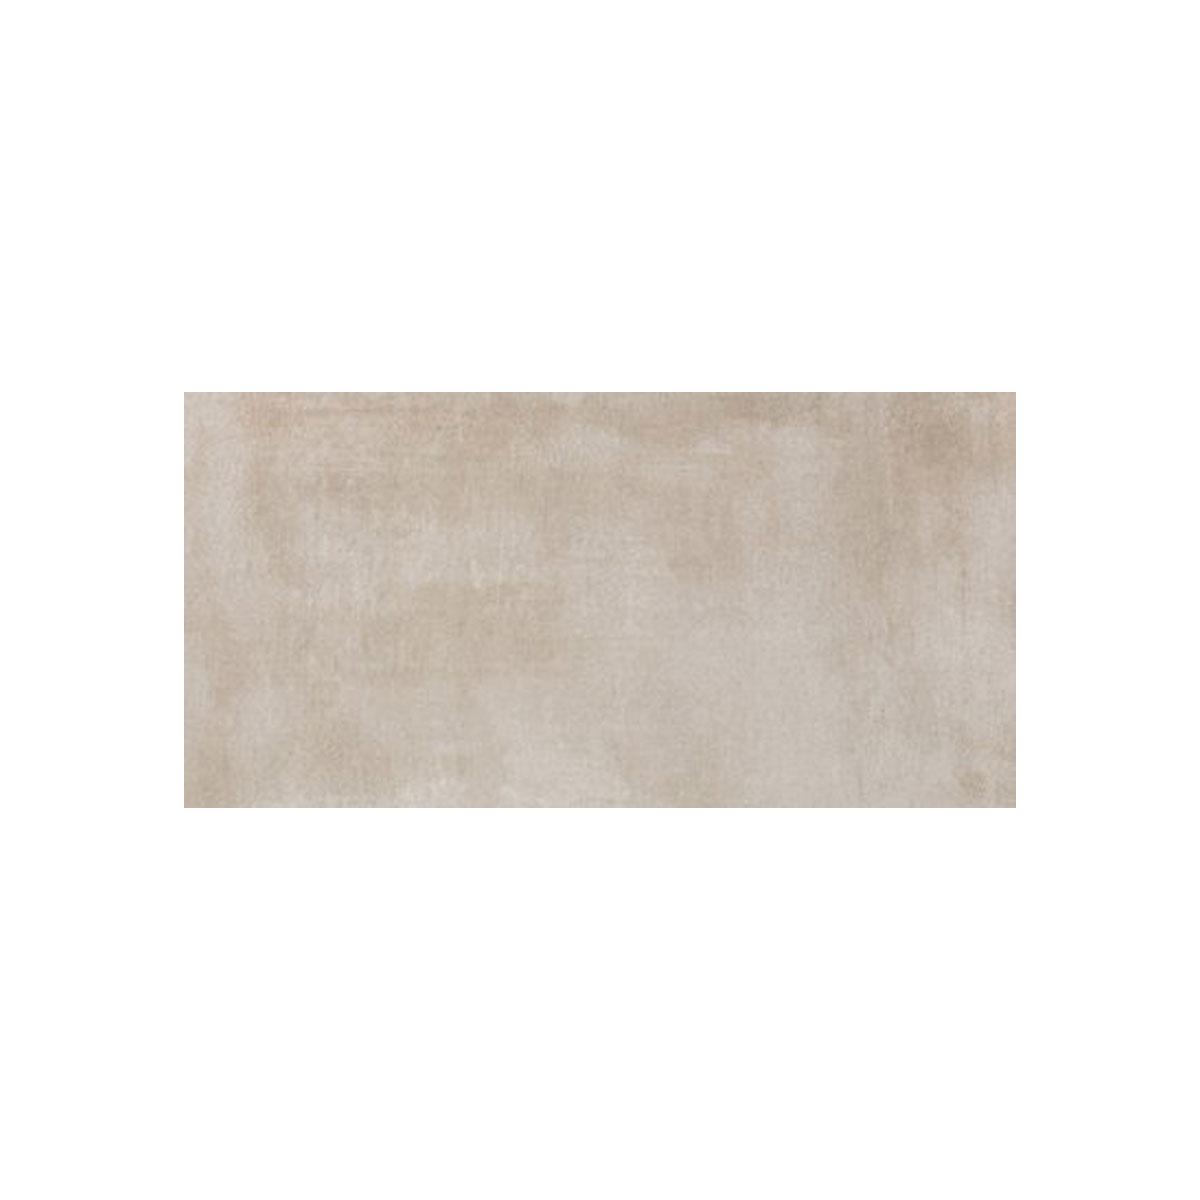 Basic Concrete - Beige - 300x600mm - Concrete Look Tiles - Stone3 Brisbane